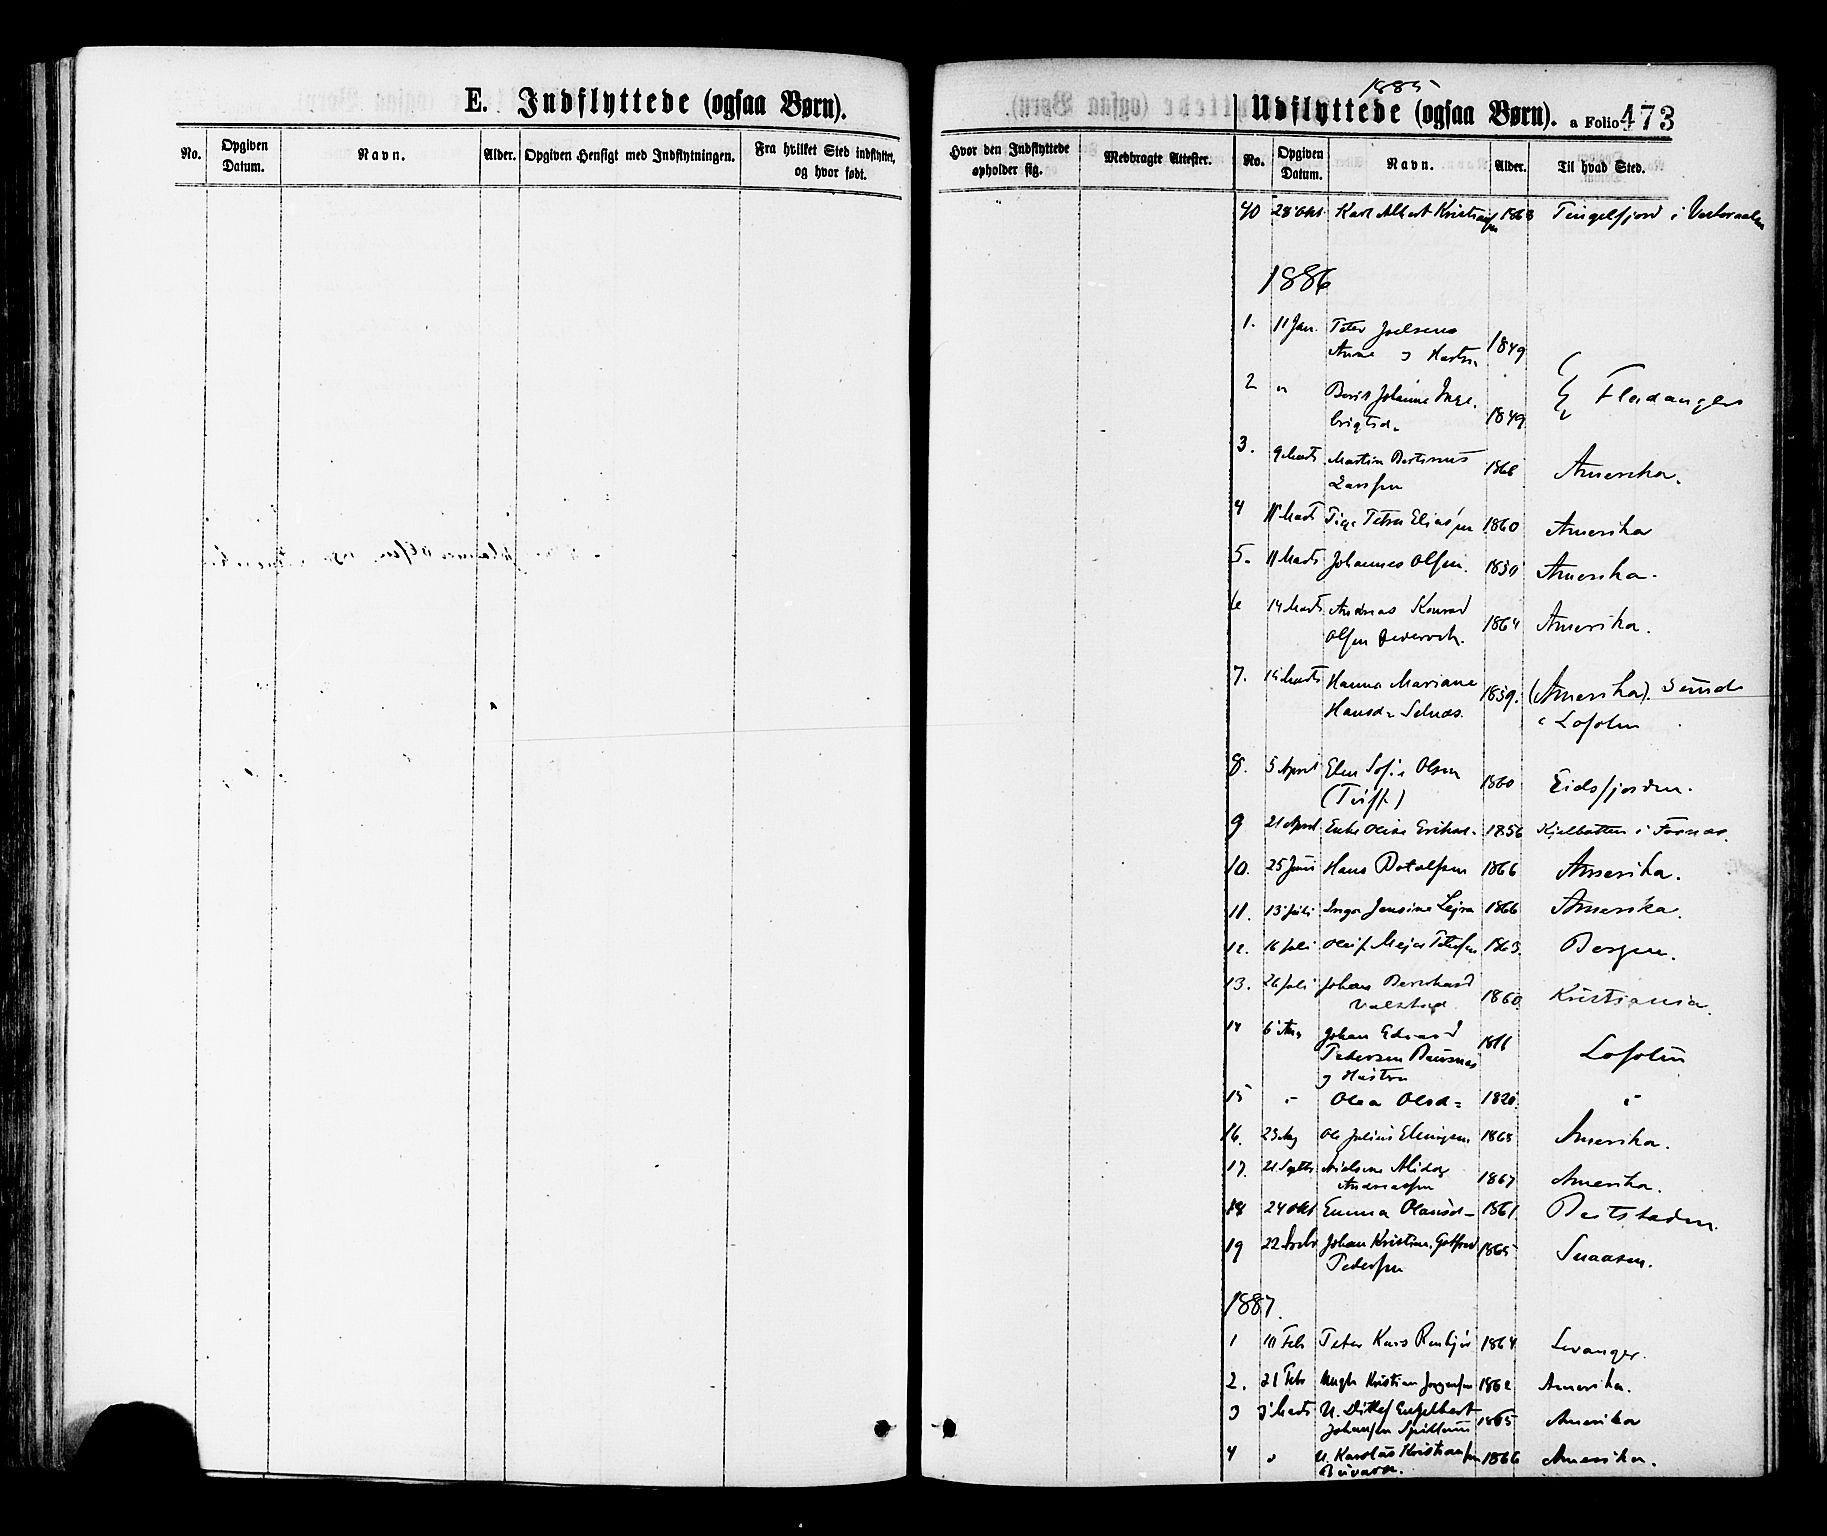 SAT, Ministerialprotokoller, klokkerbøker og fødselsregistre - Nord-Trøndelag, 768/L0572: Ministerialbok nr. 768A07, 1874-1886, s. 473